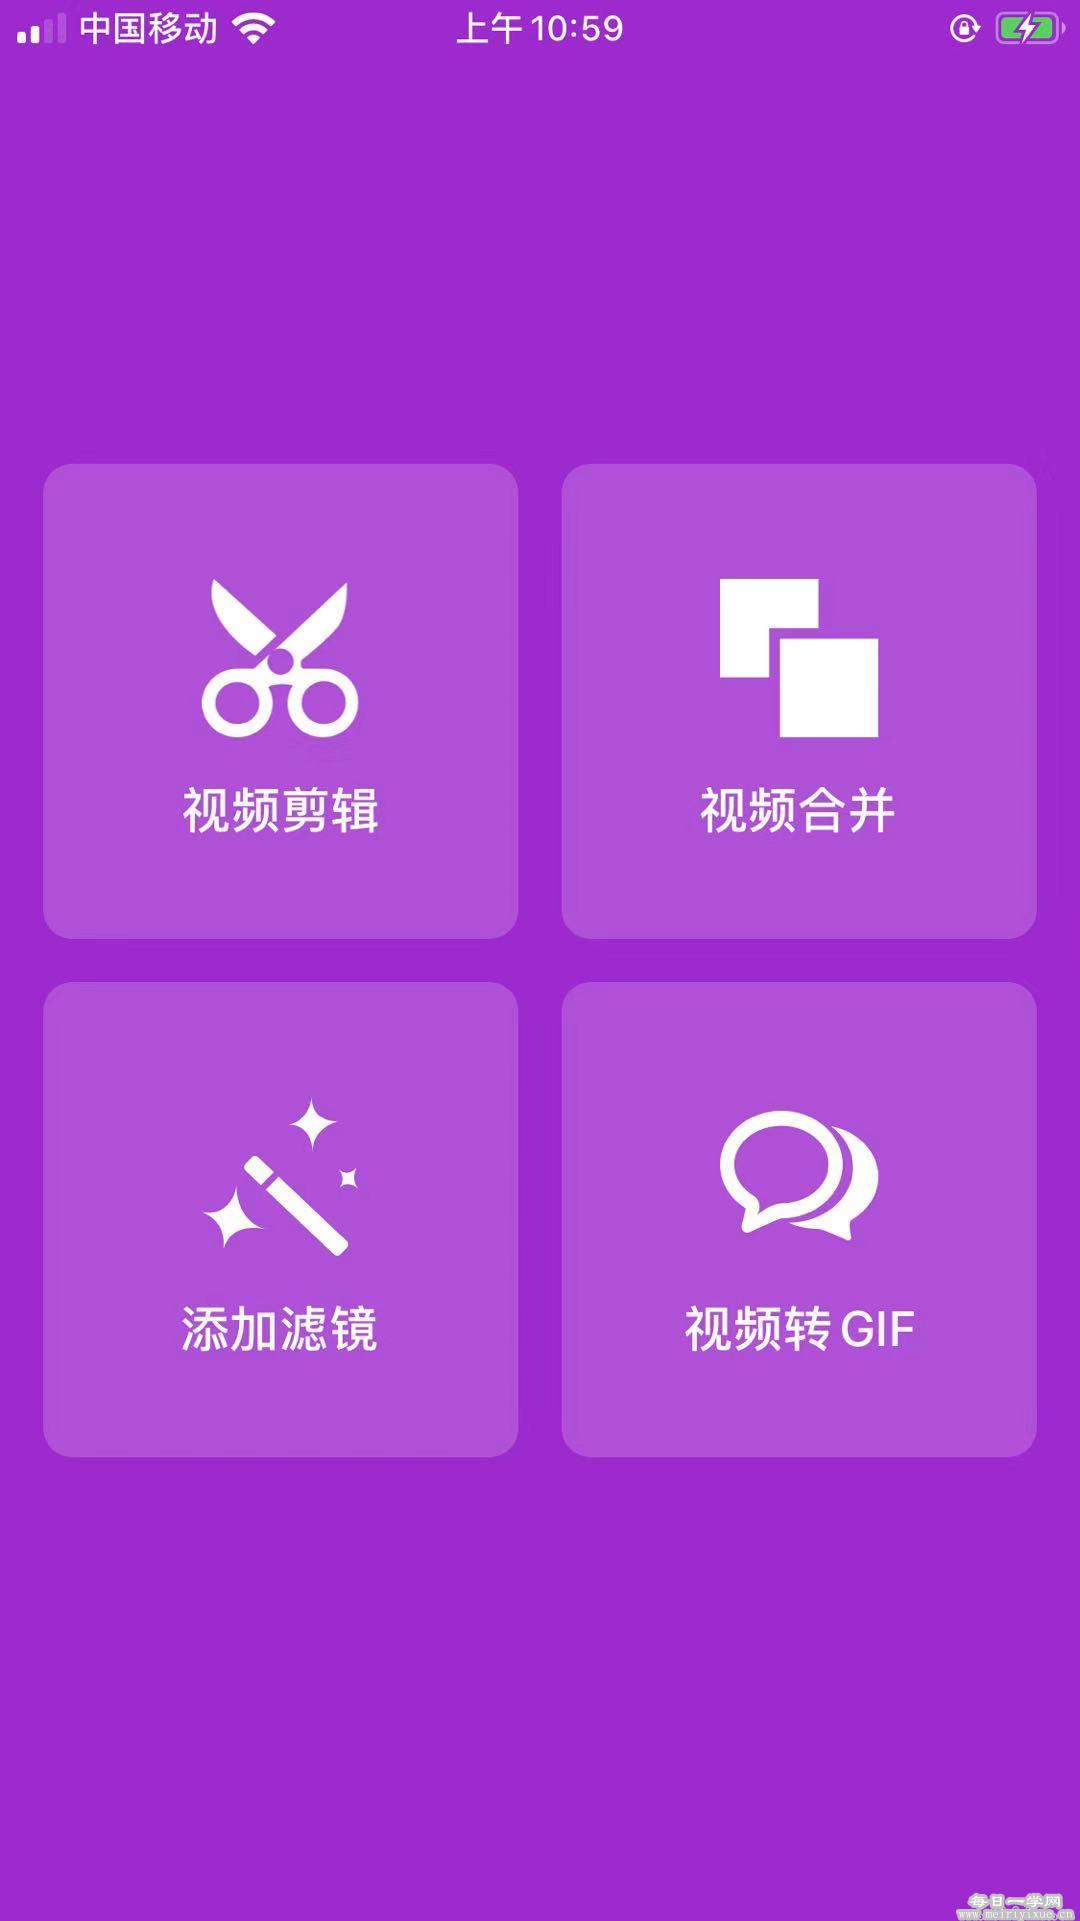 【南瓜美剧】追美剧必备,全网视频解析,安卓苹果都有 手机应用 第3张